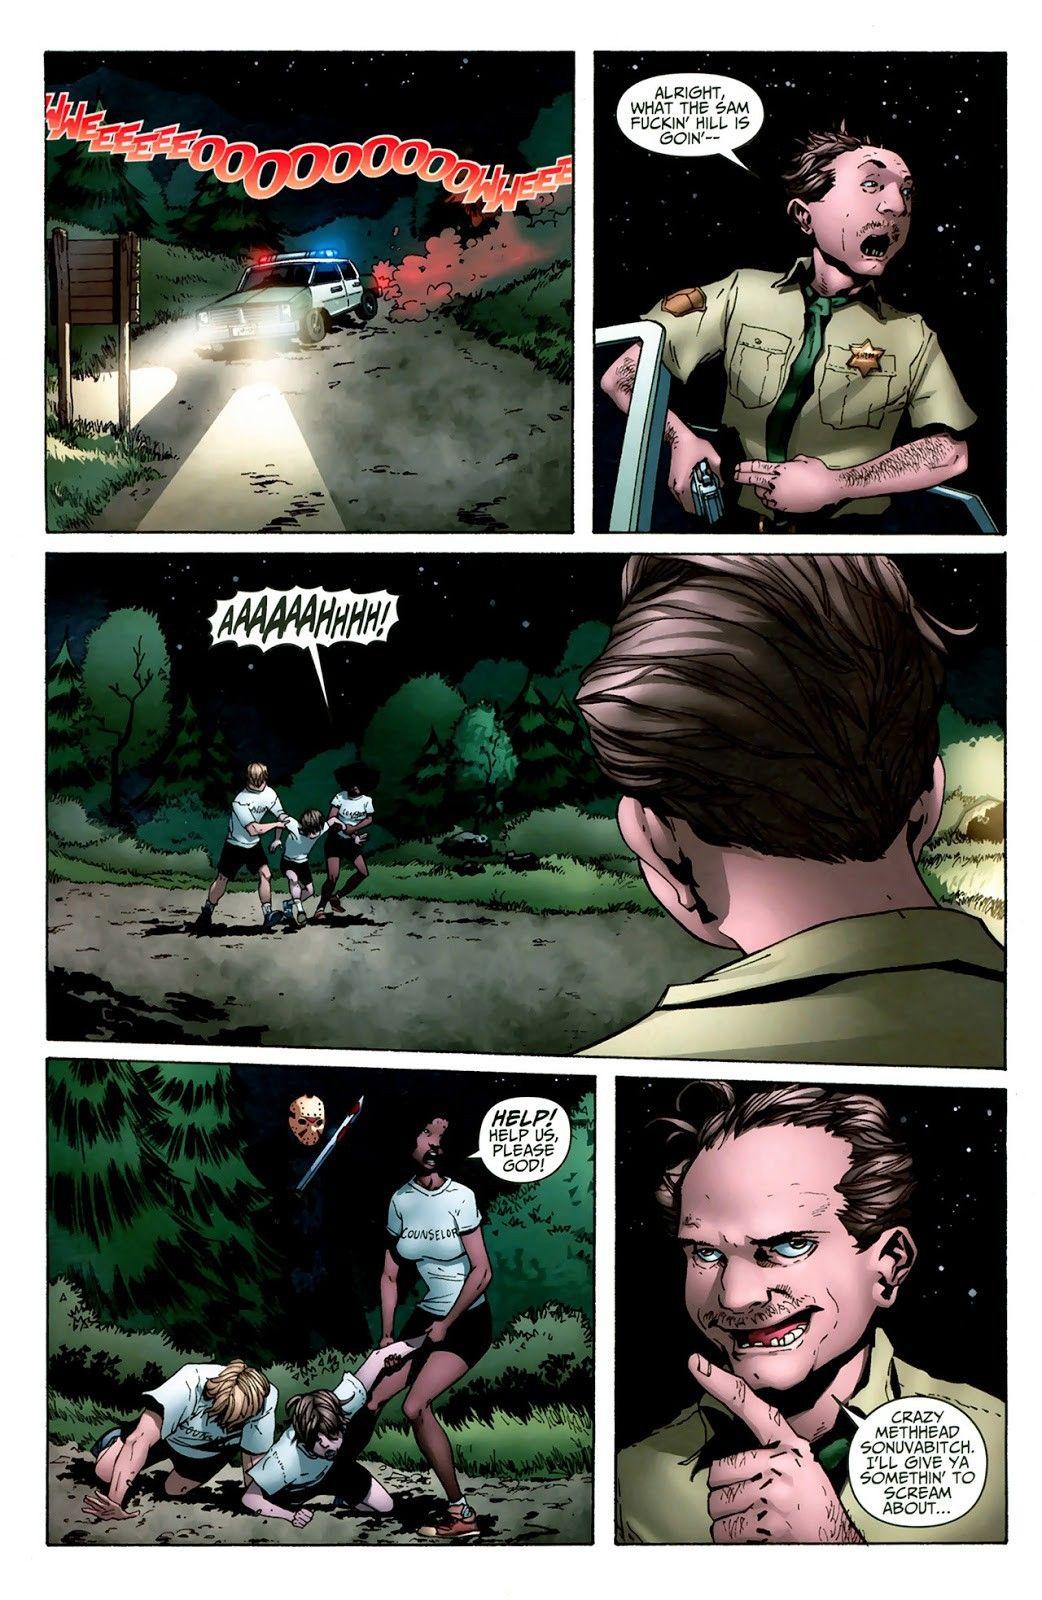 Pin by Toves Granum on Davie Falkner Friday the 13th How I